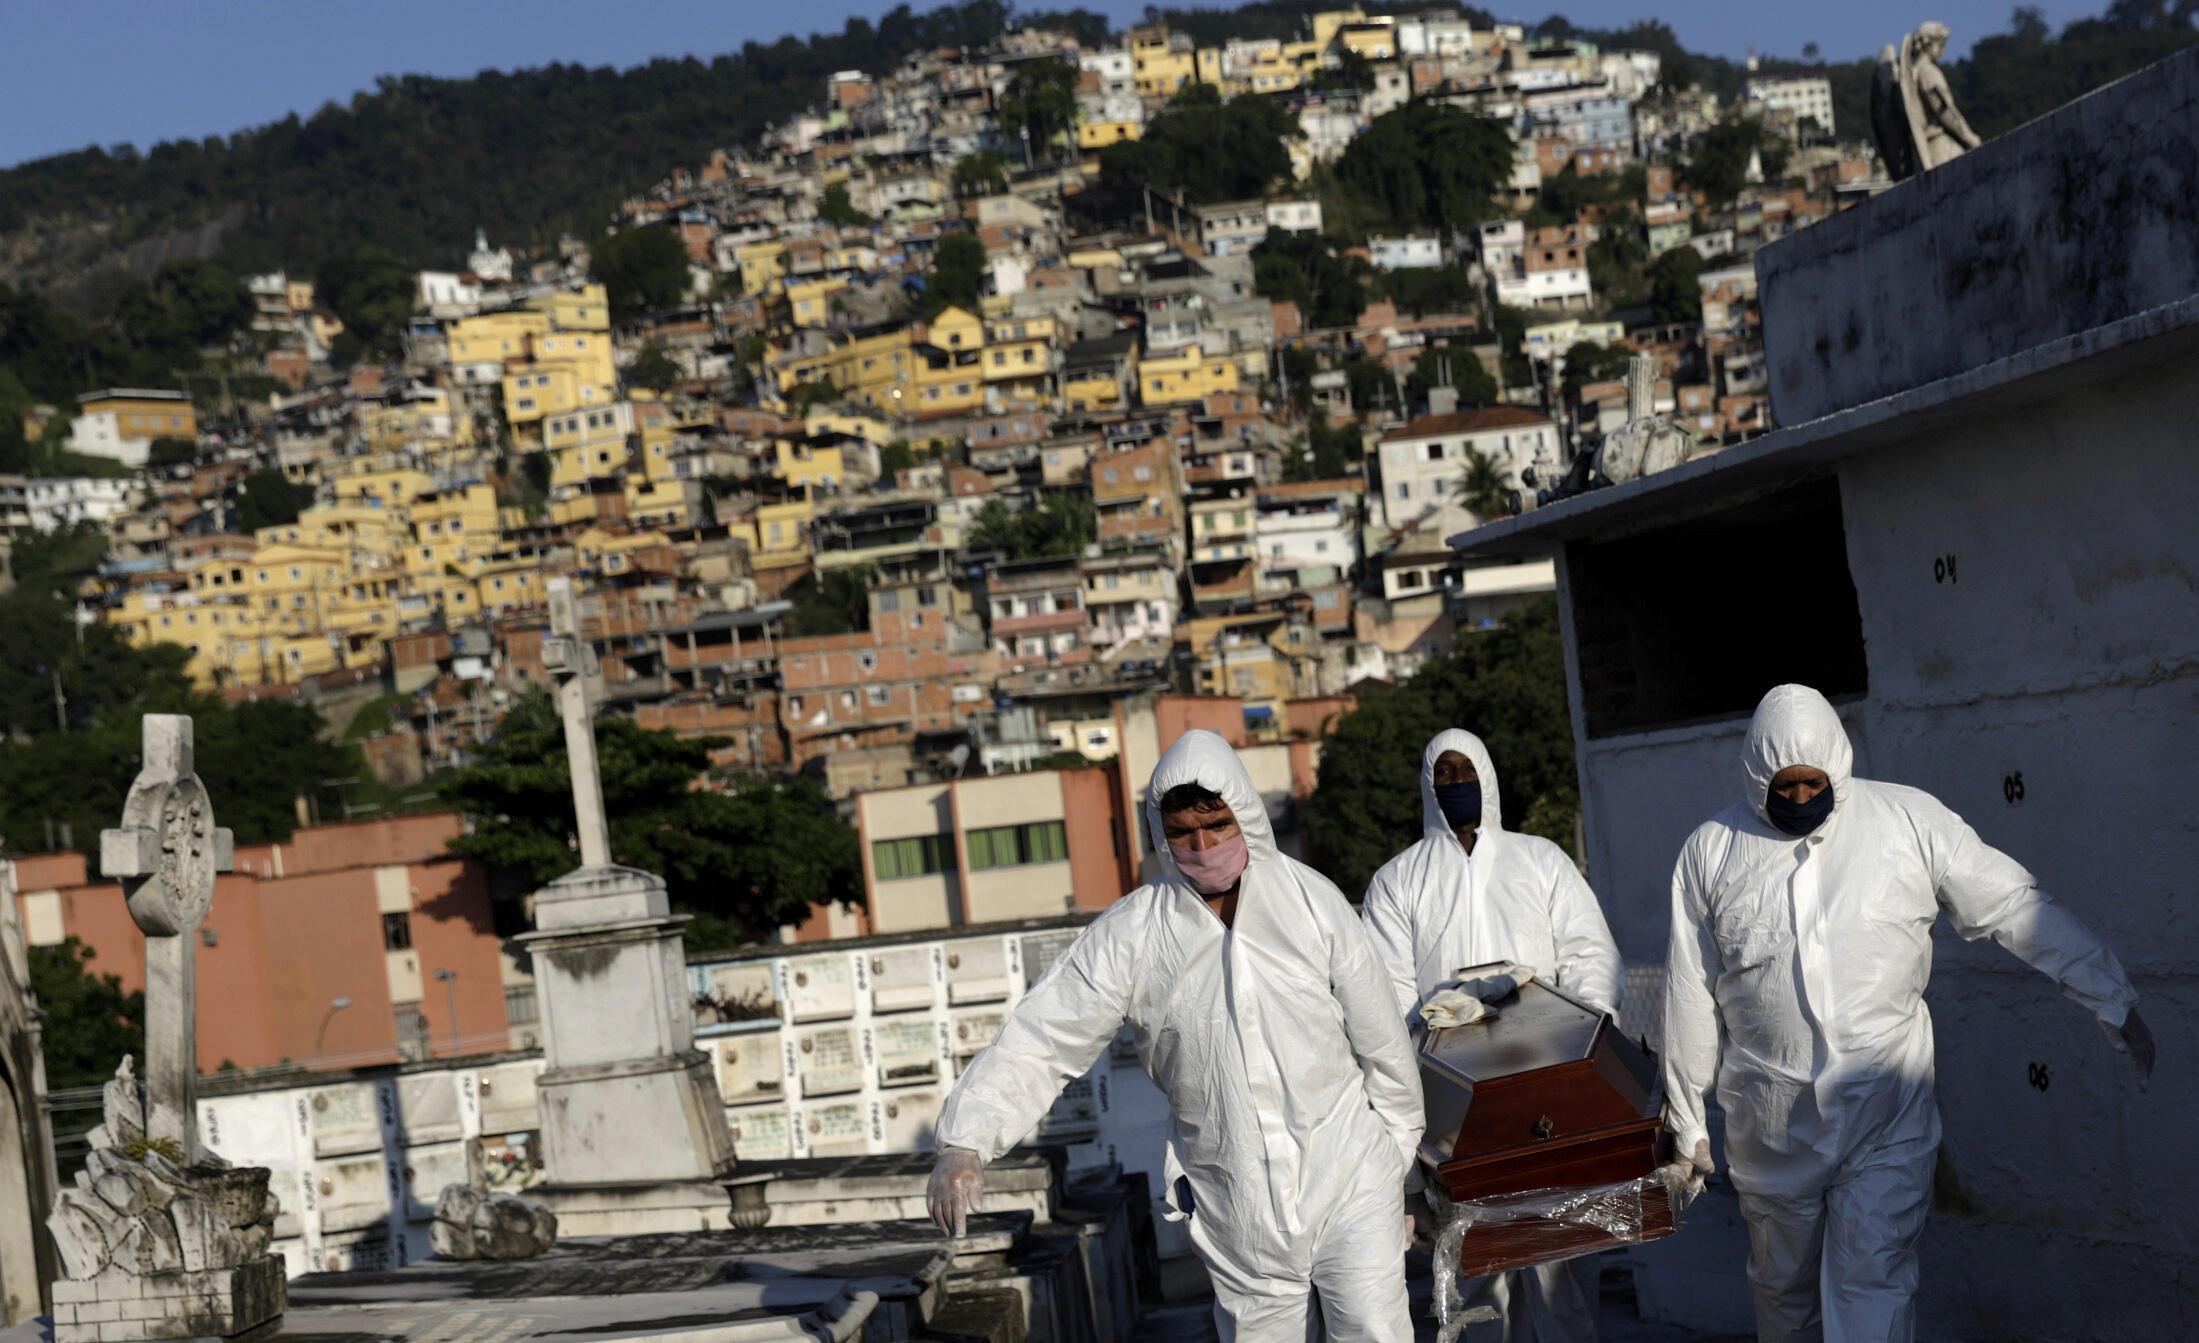 Nhân viên nhà tang lễ chuyển người quá cố vì virus corona tại Rio de Janeiro, Brazil, ngày 18/05/2020.